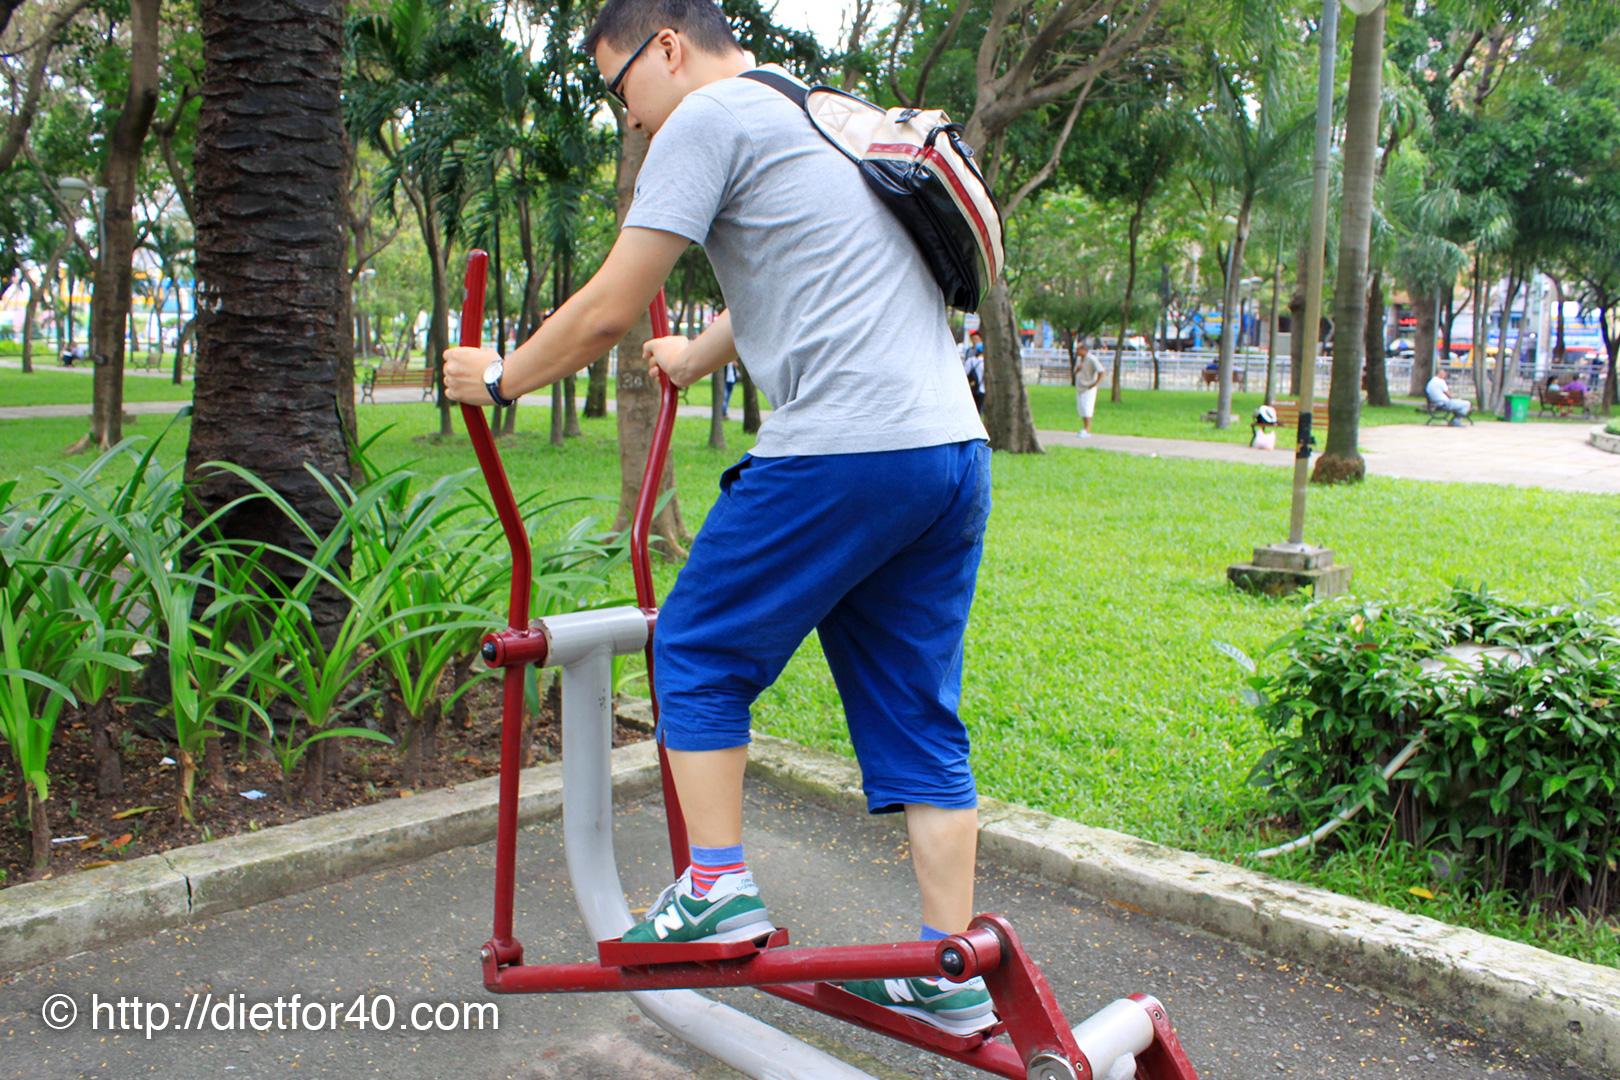 exercisemachine-02